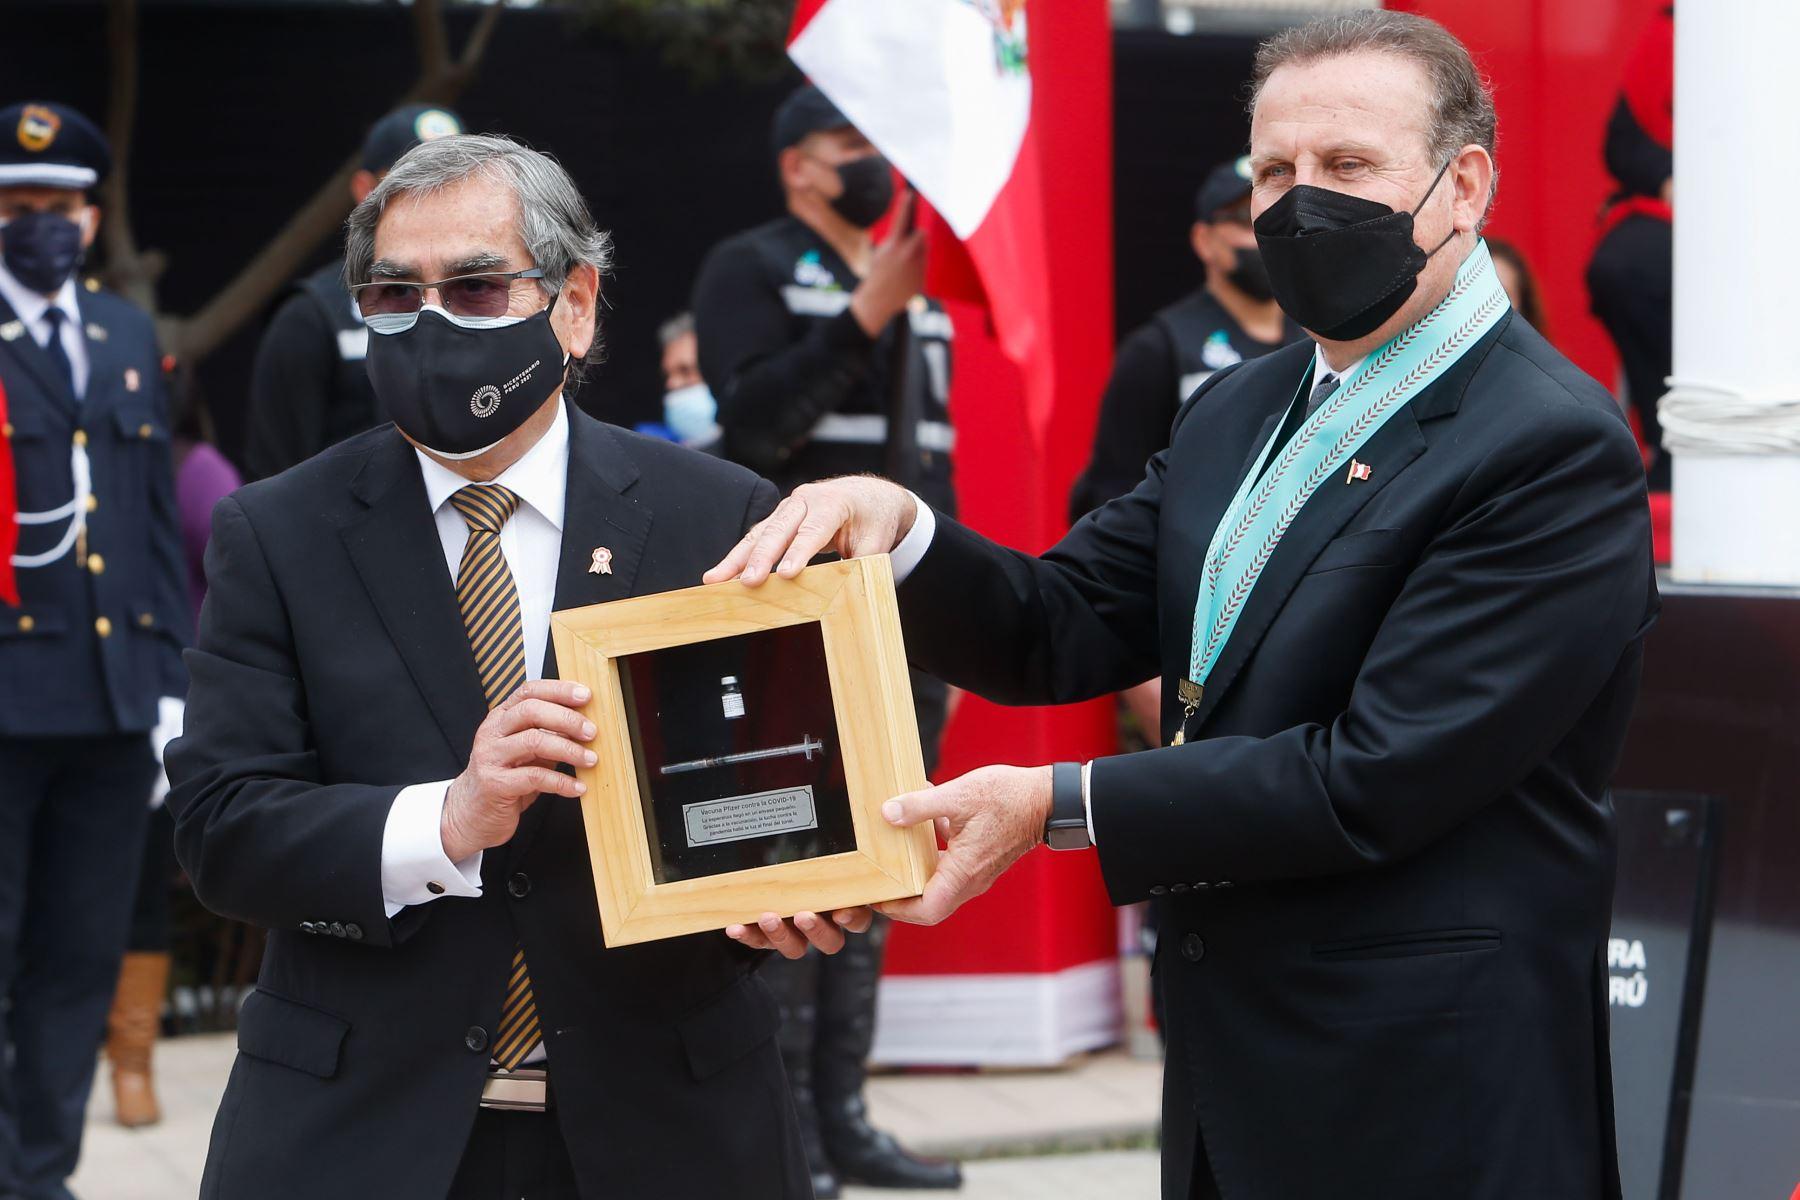 Ministro de Salud,  Óscar Ugarte participa en el reconocimiento por su contribución en el manejo de la pandemia y el desarrollo del proceso de vacunación contra la covid- 19. Foto: Minsa